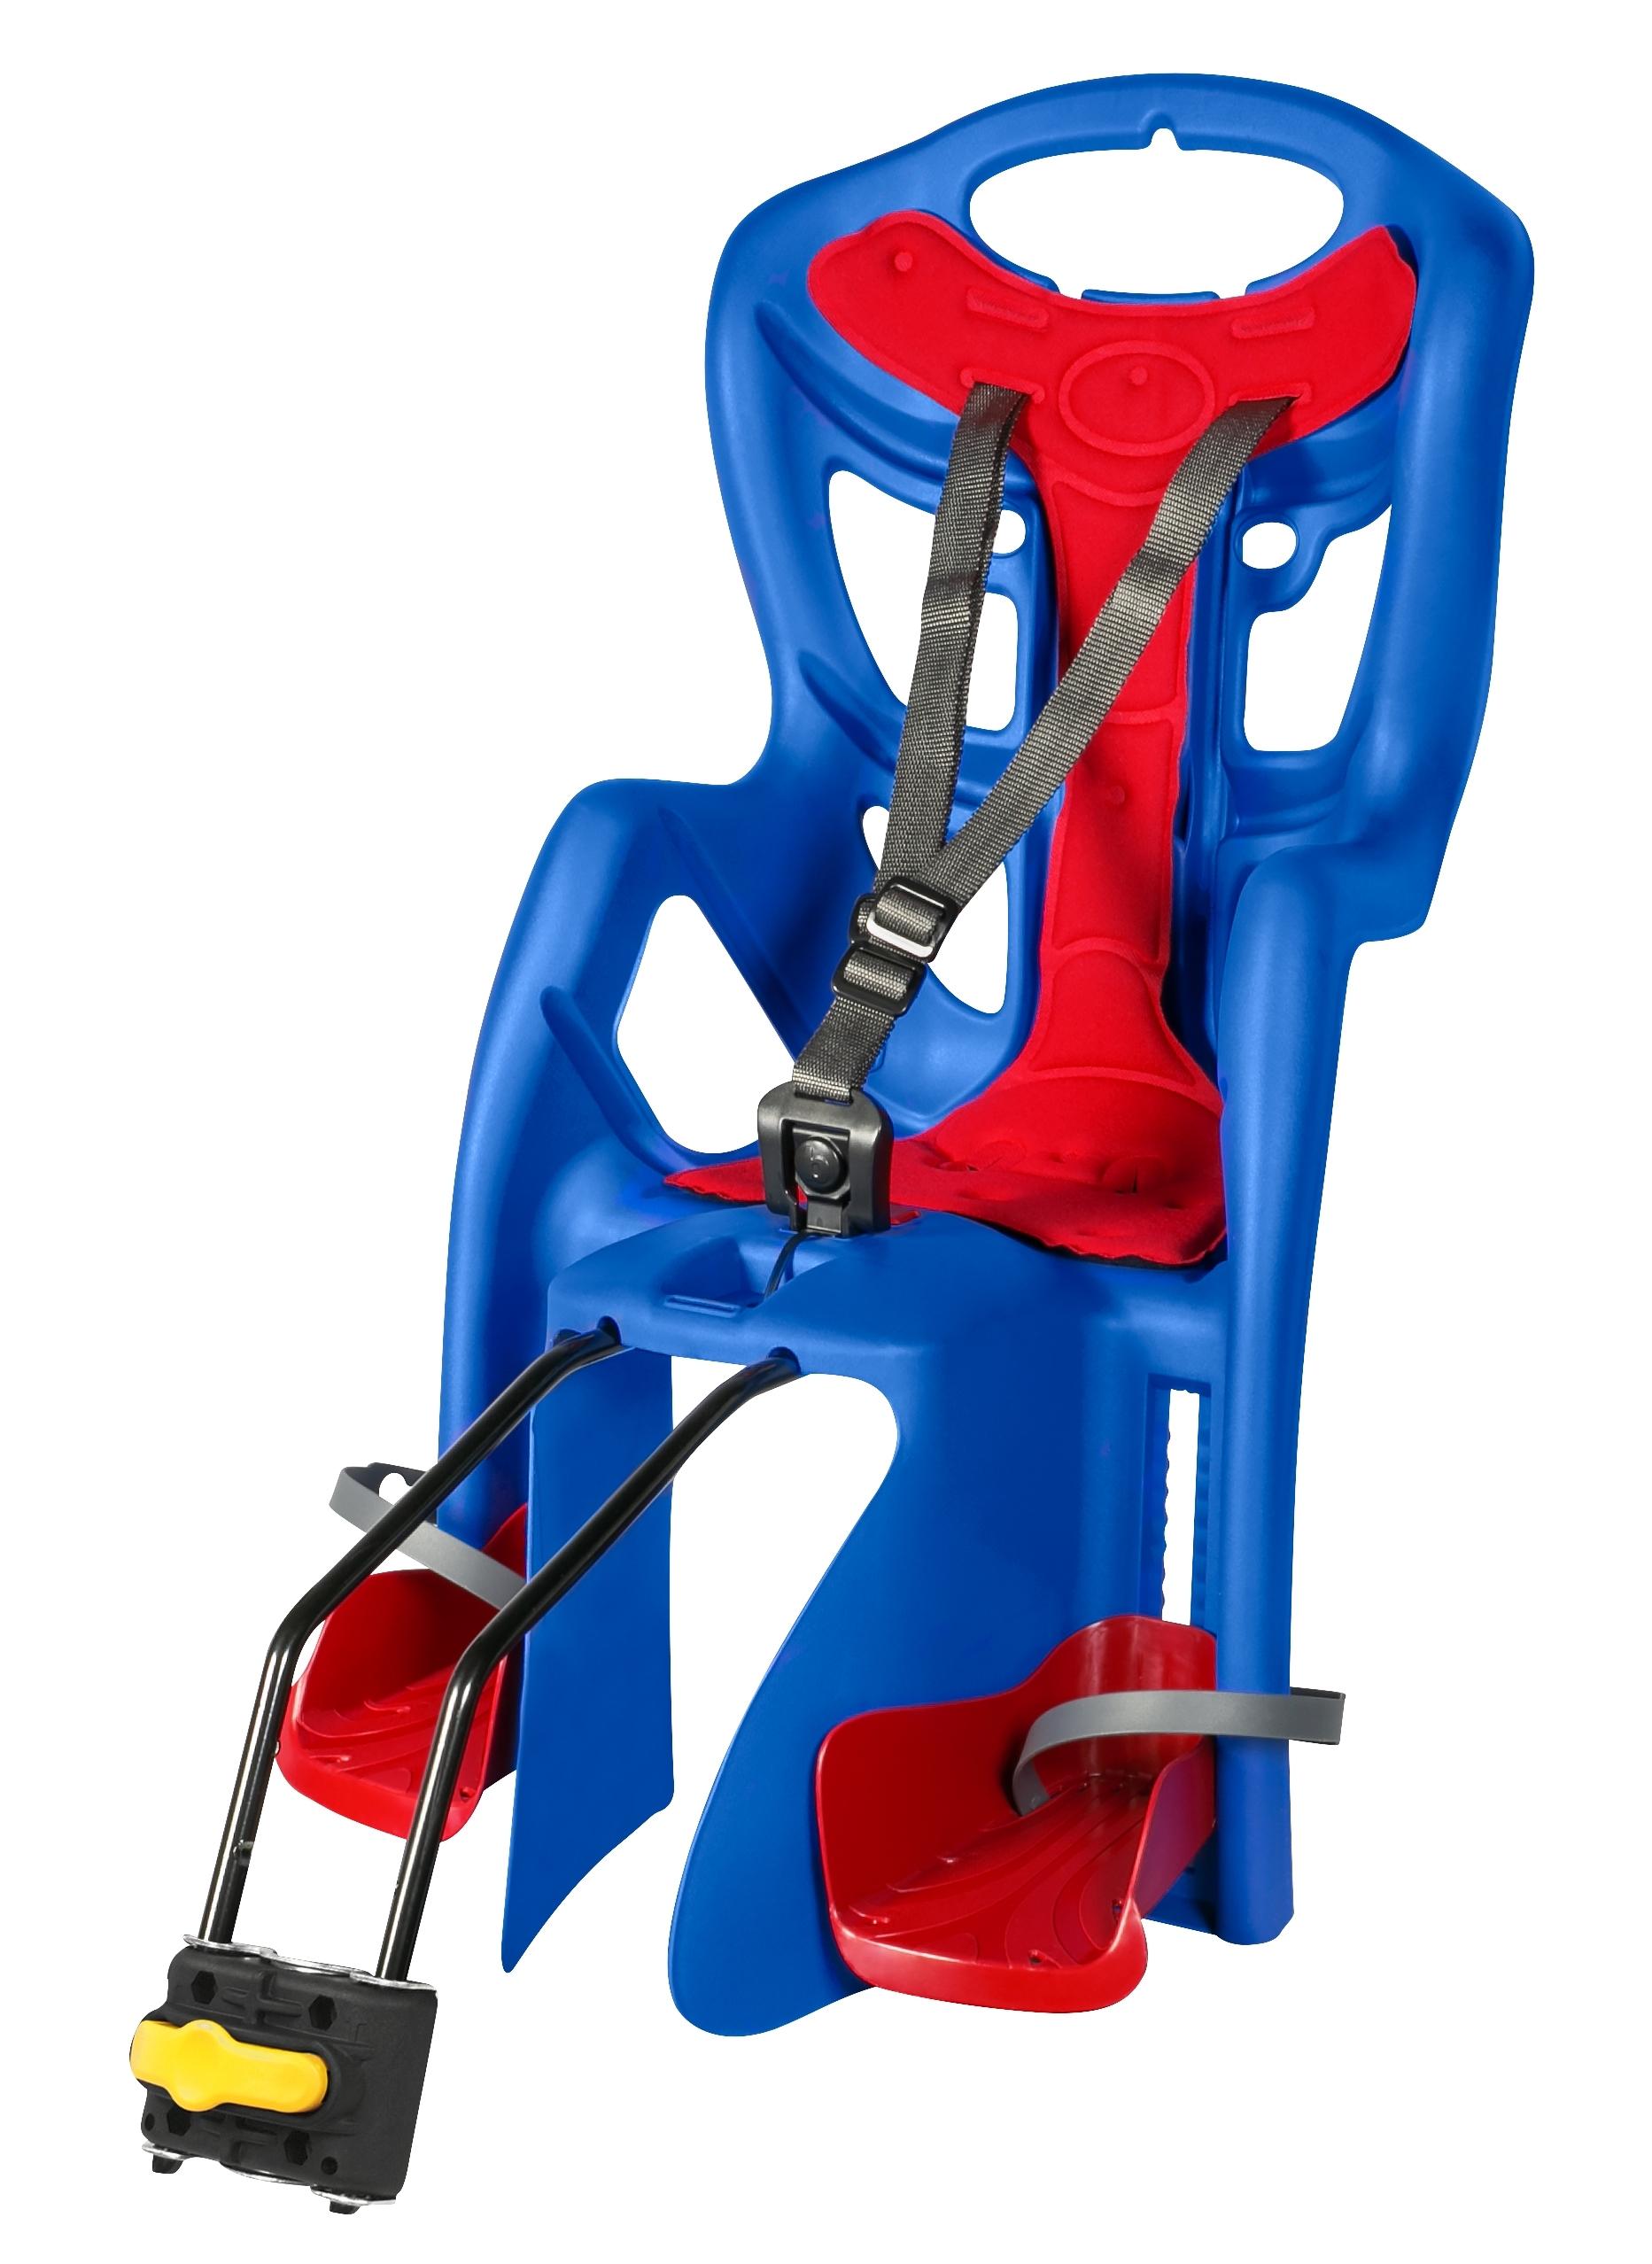 sedačka PEPE STANDARD zadní modrá/červený